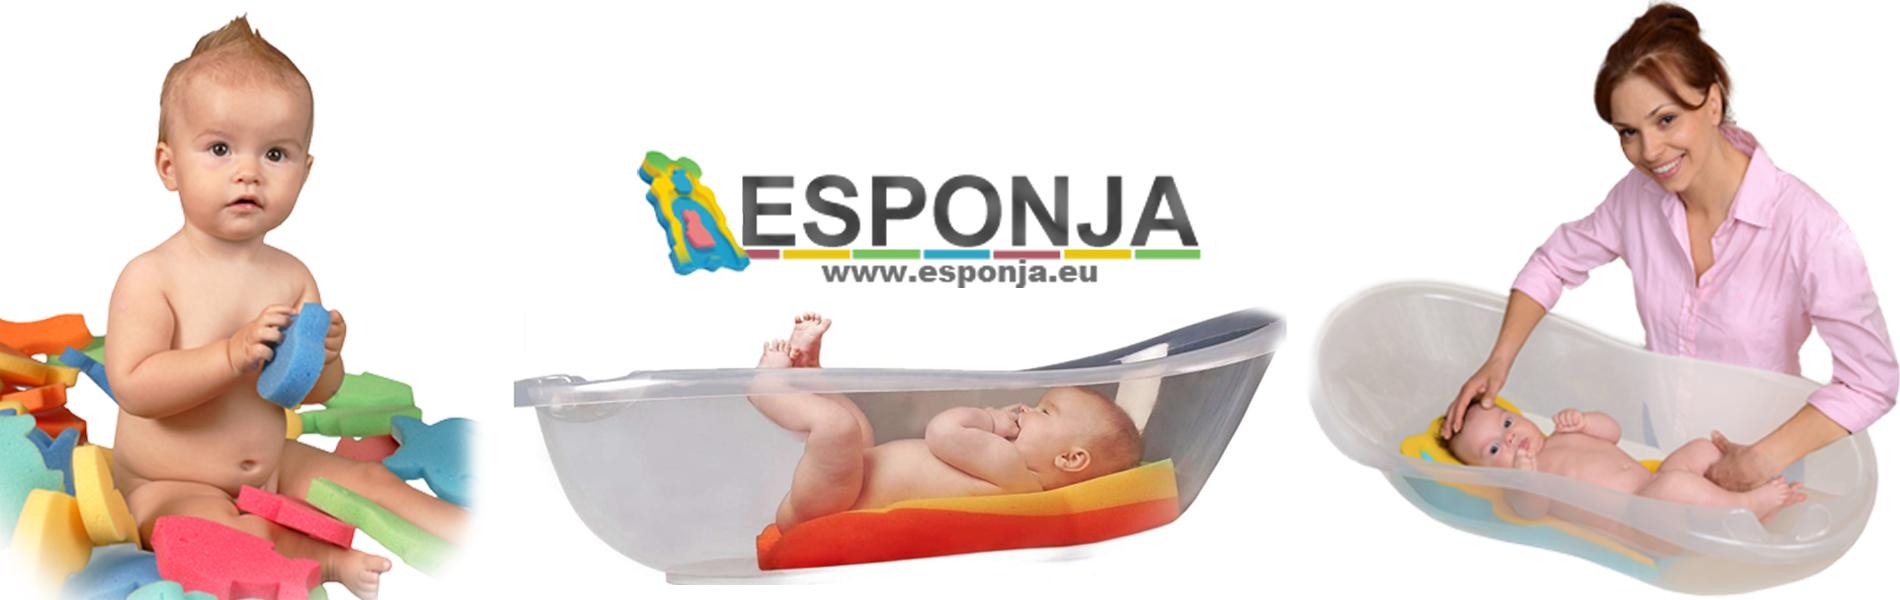 Esponjas con mas seguridad, calidad y confort para bañar a su bebe